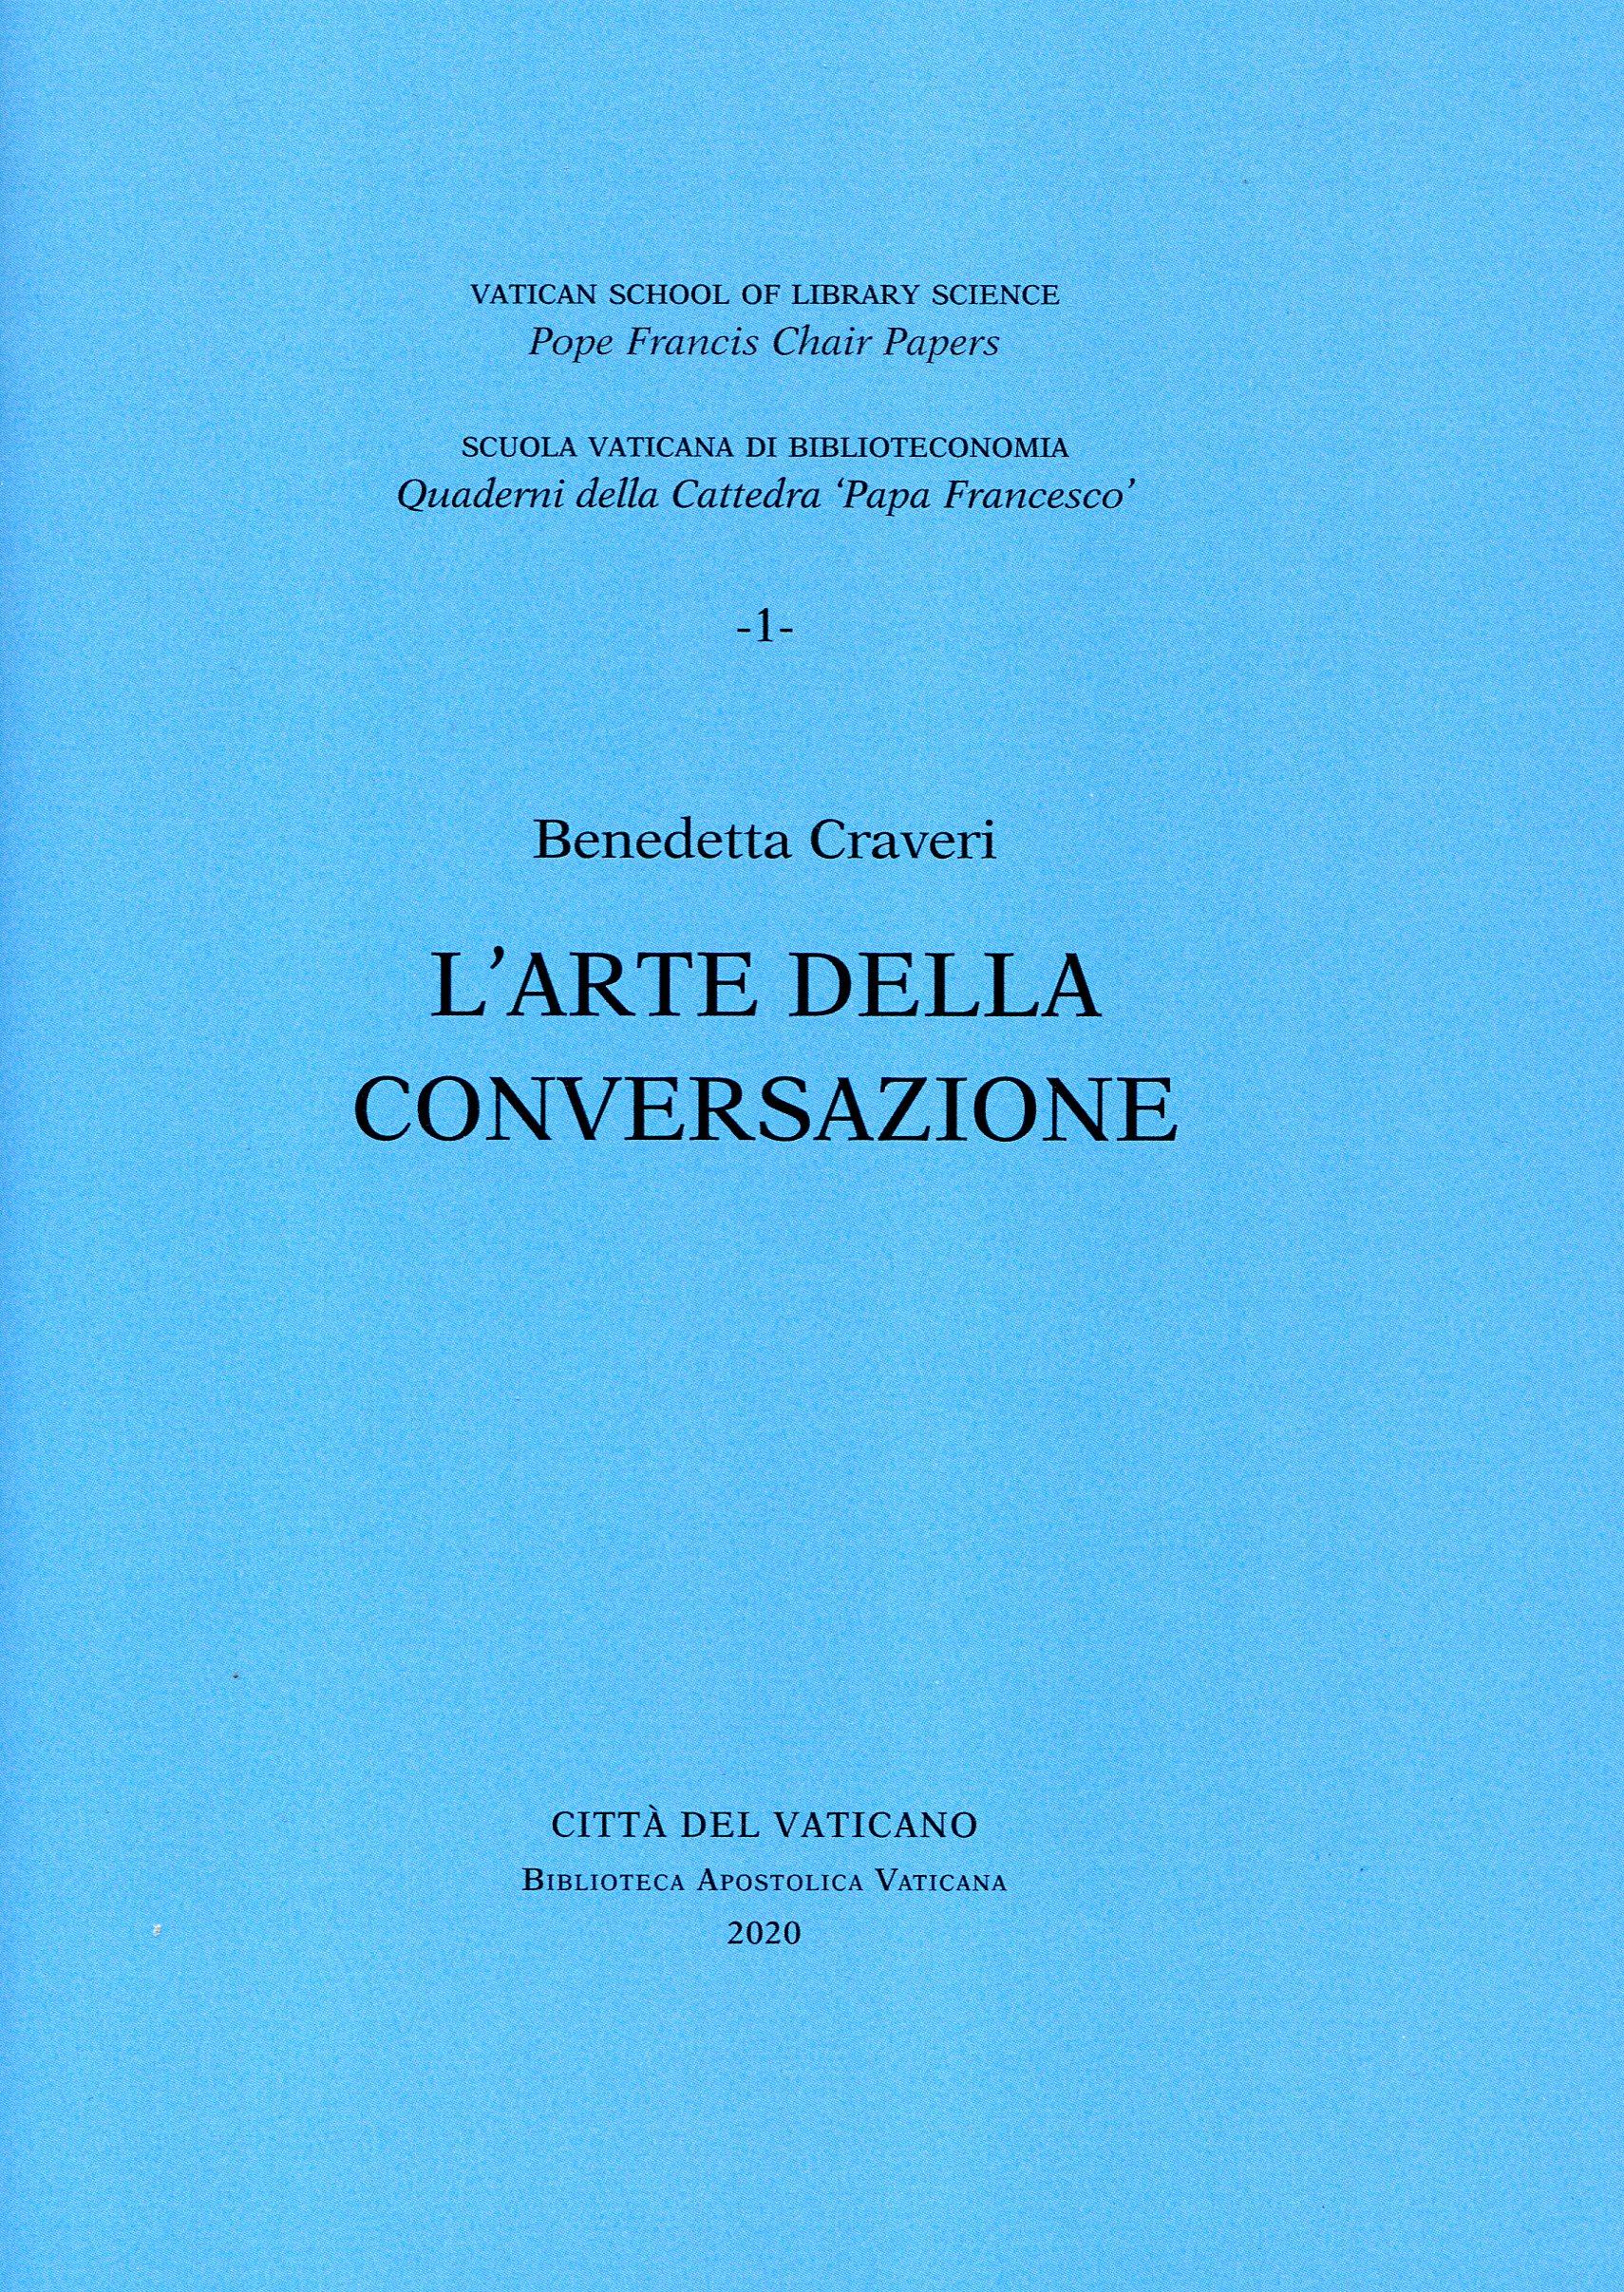 L'arte della conversazione. Conferenza tenuta alla Biblioteca Apostolica Vaticana, 8 ottobre 2019.